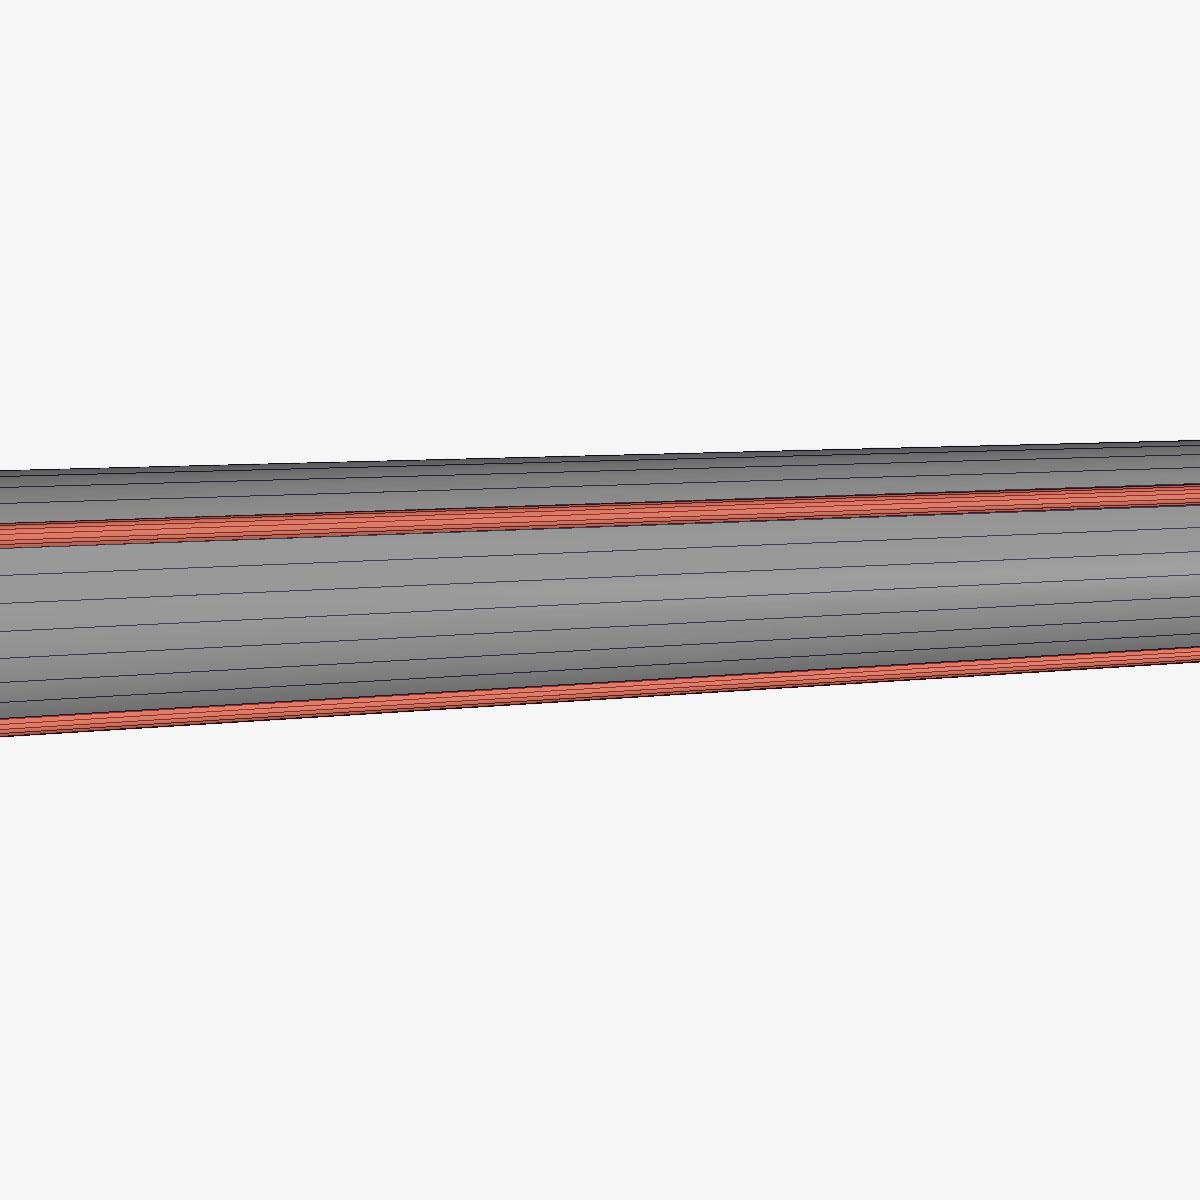 aerobee 170 raķete 3d modelis 3ds dxf fbx blend cob dae x obj 166045